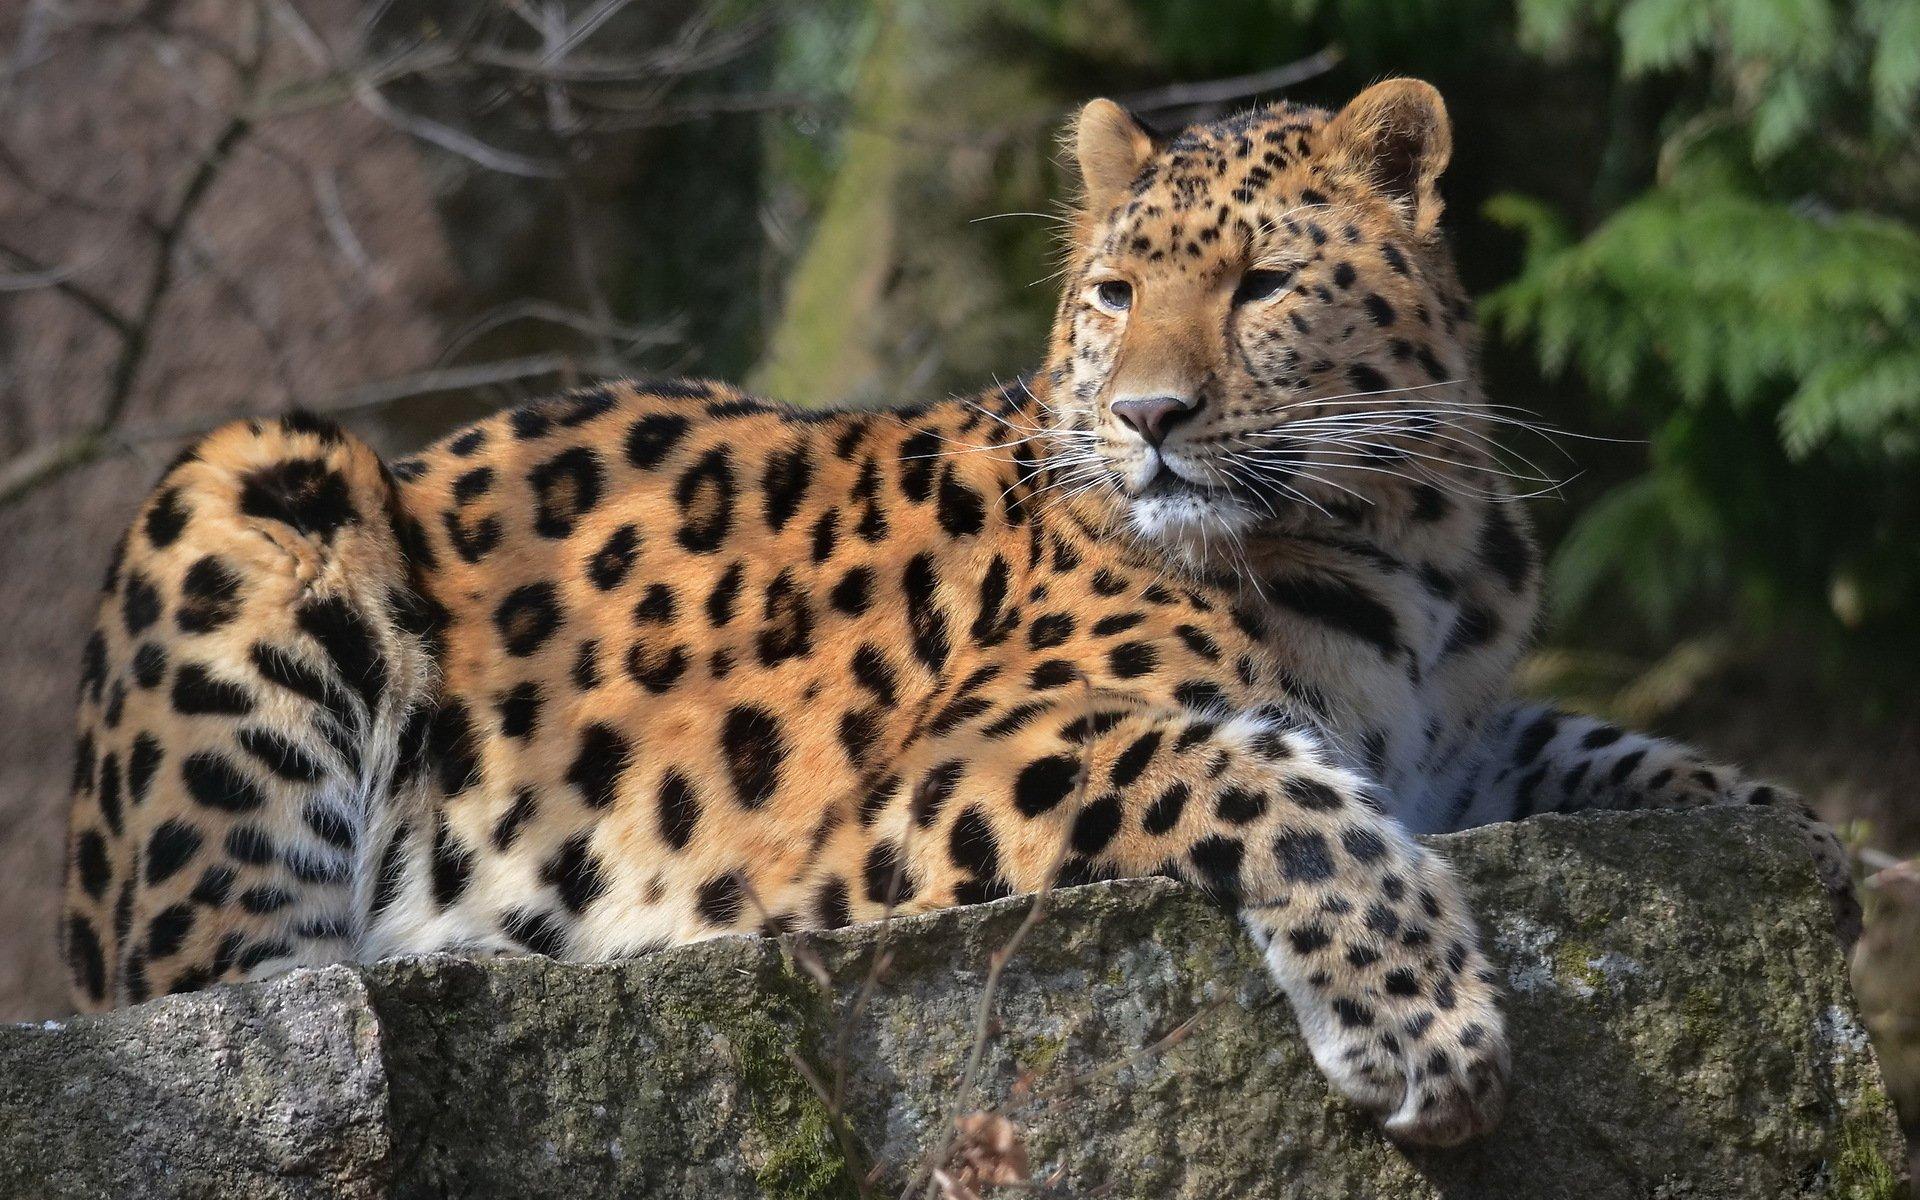 Animales Felino Leopardos Fondo De Pantalla Fondos De: Leopardo Fondo De Pantalla HD